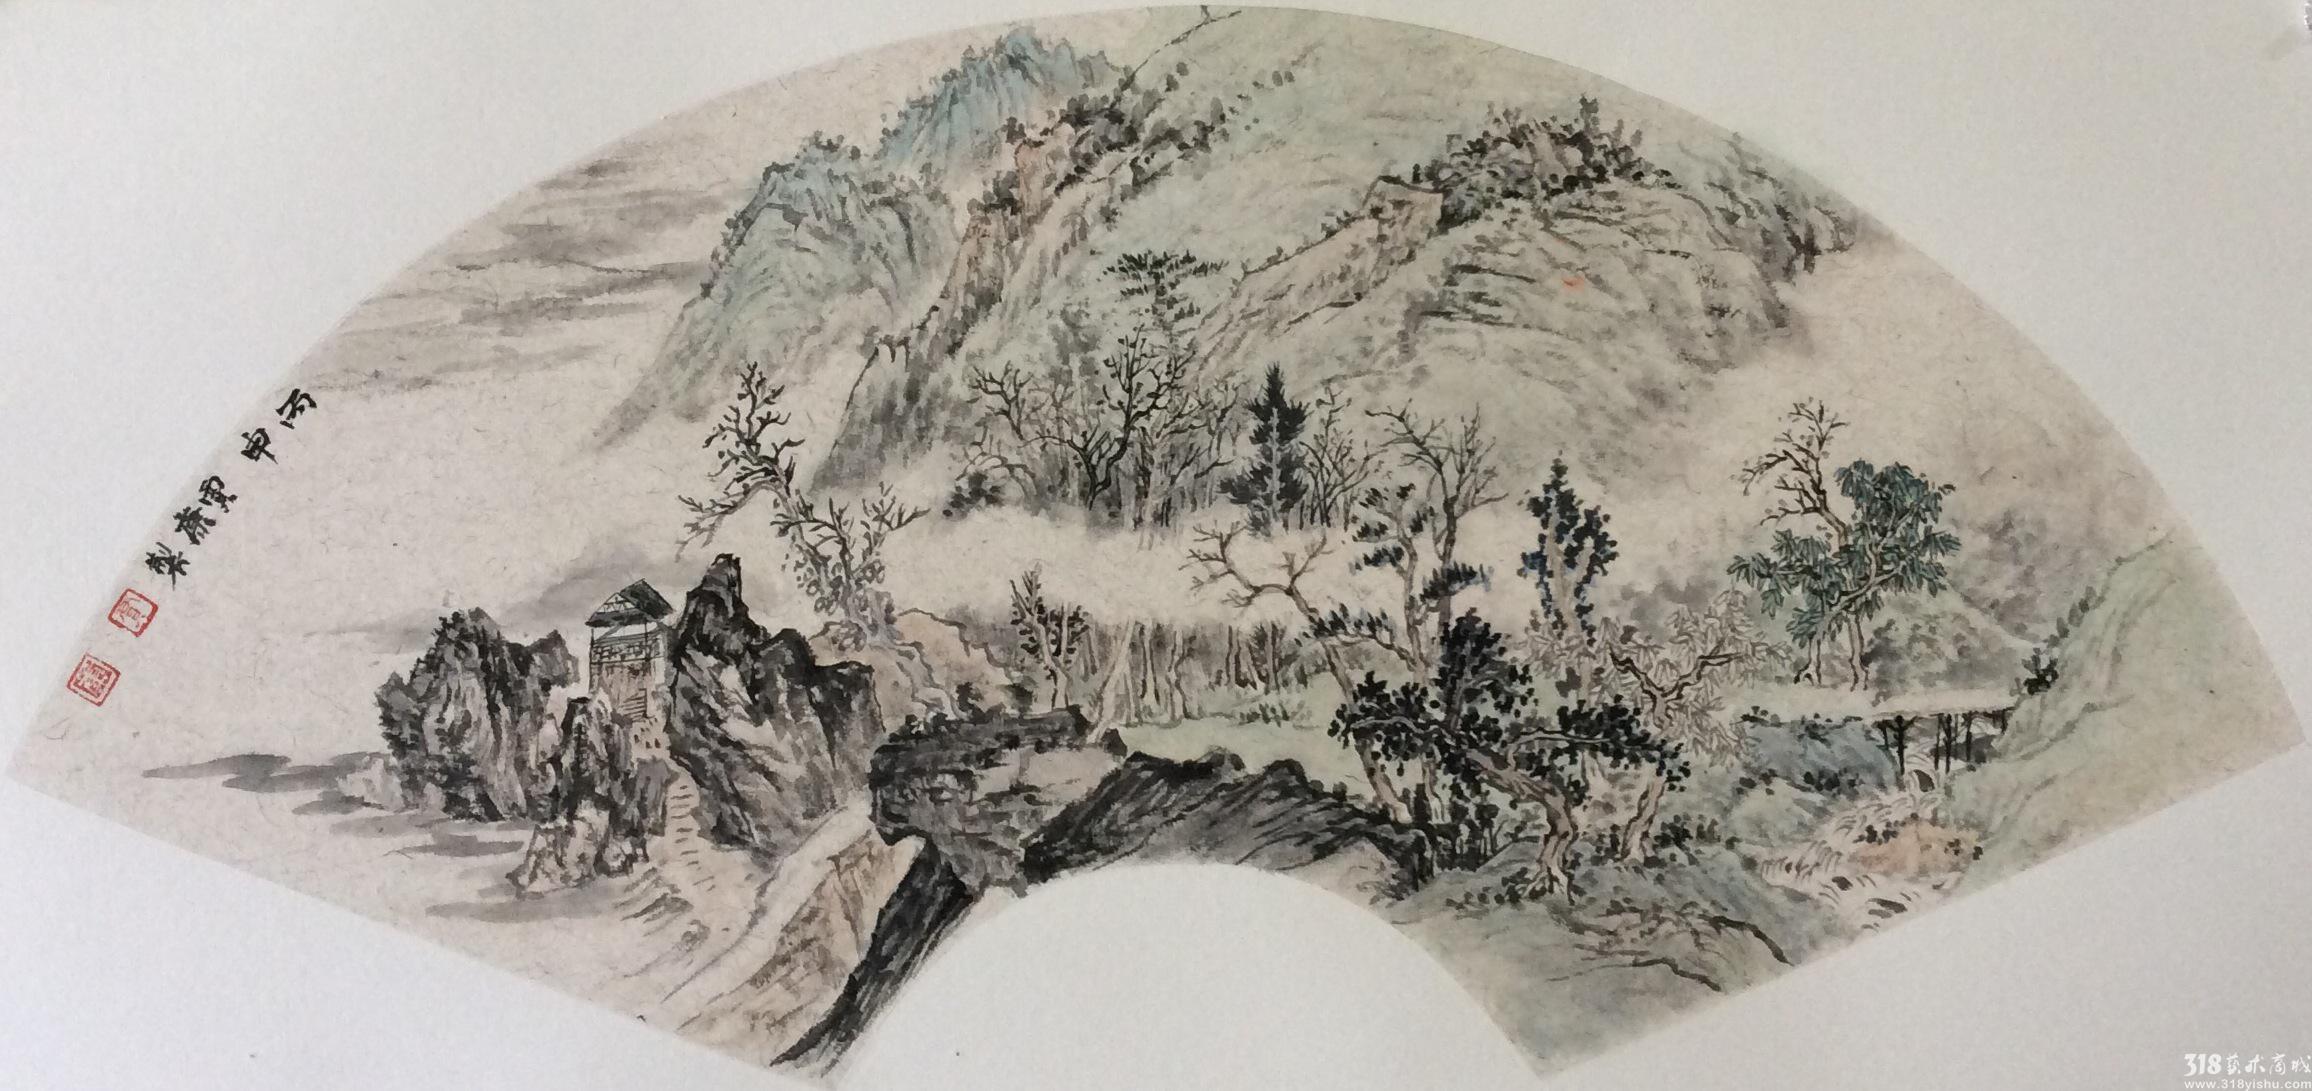 相比贾康以往的山水画作品,《扇面小品》系列显得格外的清新,但,仍然延续以往的风格,造型庄重而儒雅,文人气息浓重,对绘画艺术有着独特的见解,这与他潜心于民族传统绘画的研究与创作有关,因此在贾康的山水画中我们可以看到他秉持的中国传统中和的精神。视艺术为生命,历经艰辛而不渝。 谢云婷